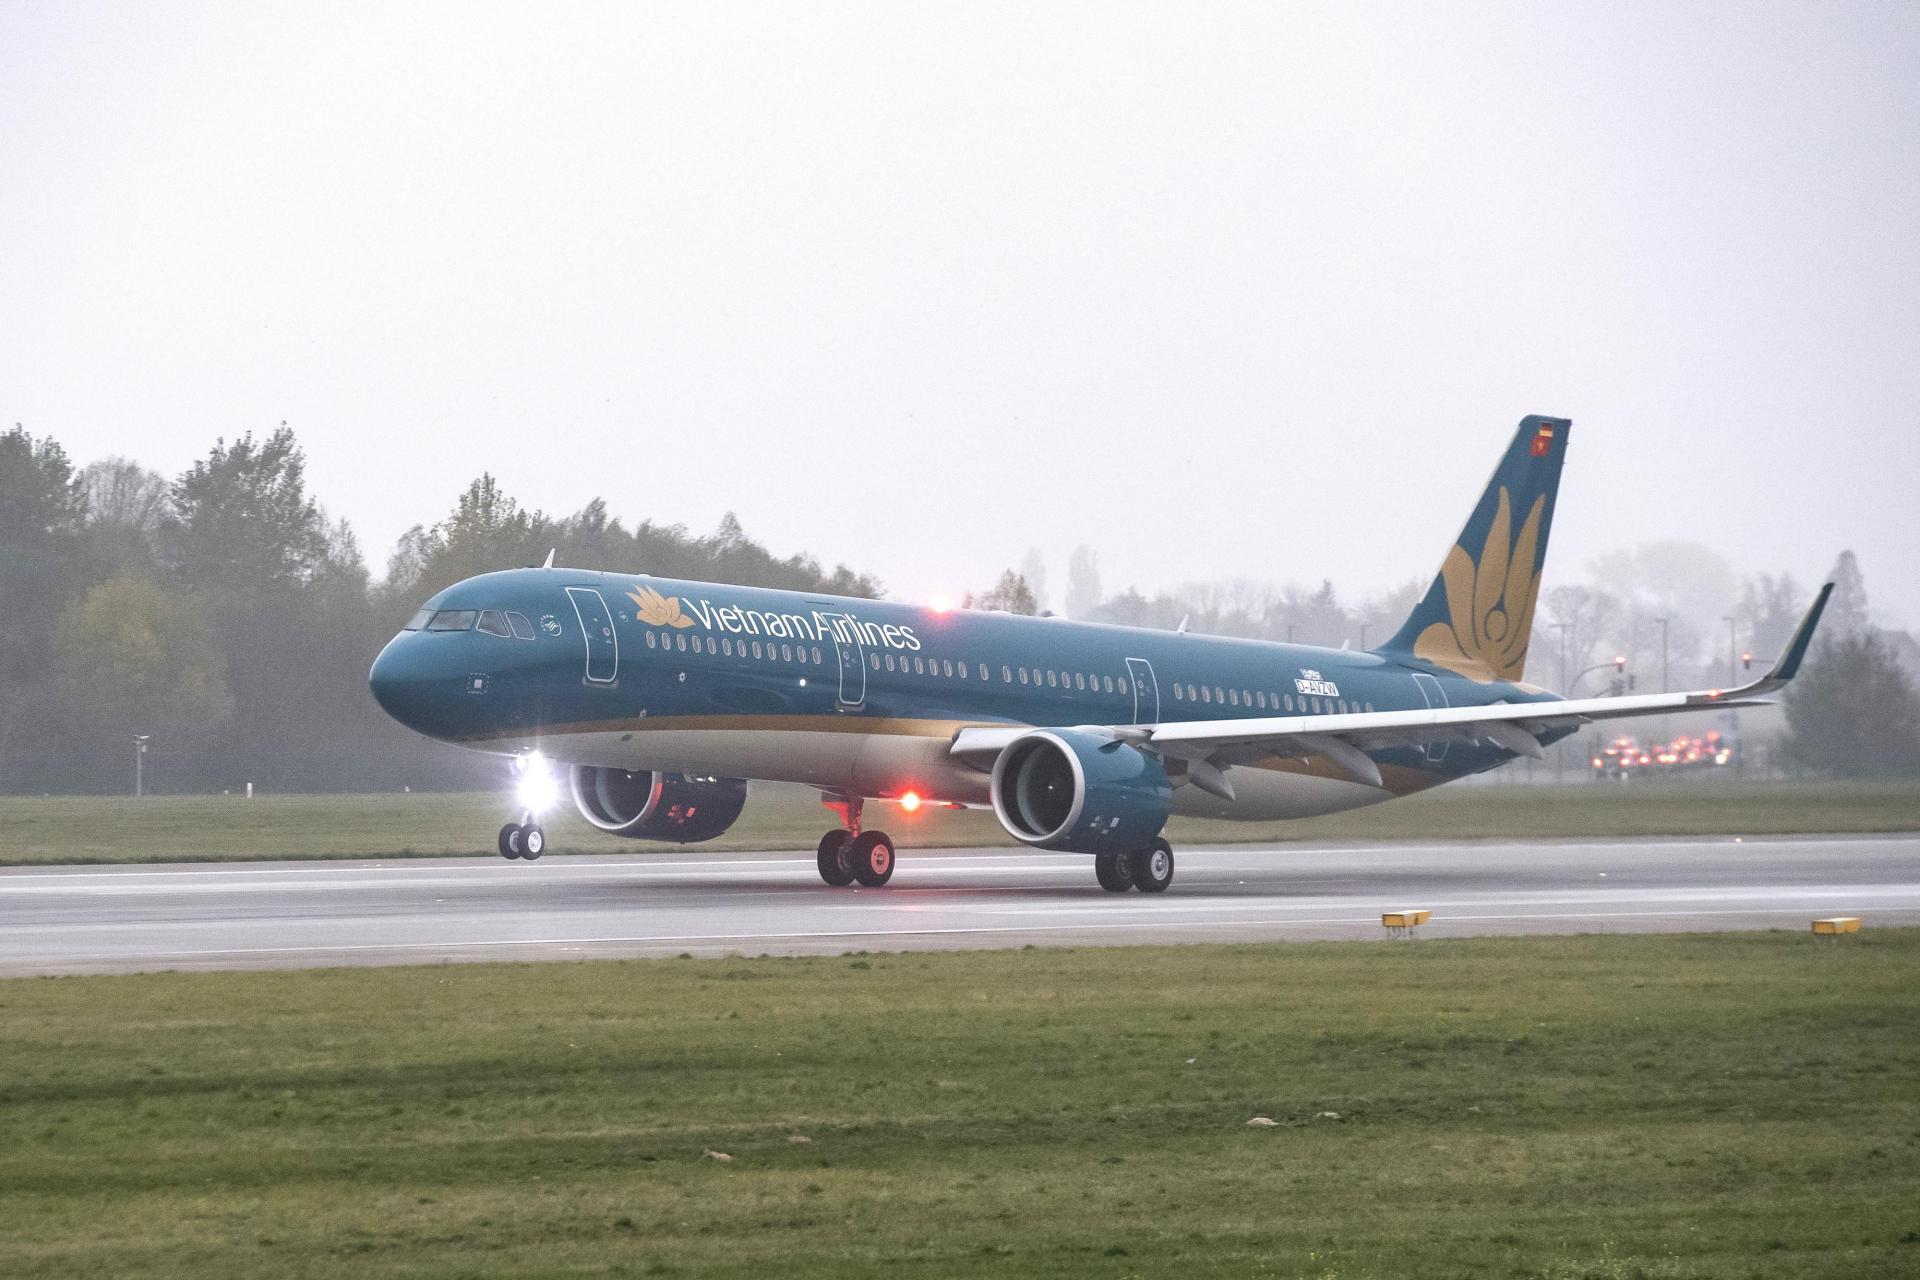 Vietnam Airlines tăng thêm tần suất các chuyến bay giữa Hà Nội - Vinh và khai thác đường bay Đà Nẵng - Đà Lạt bằng máy bay Airbus A321